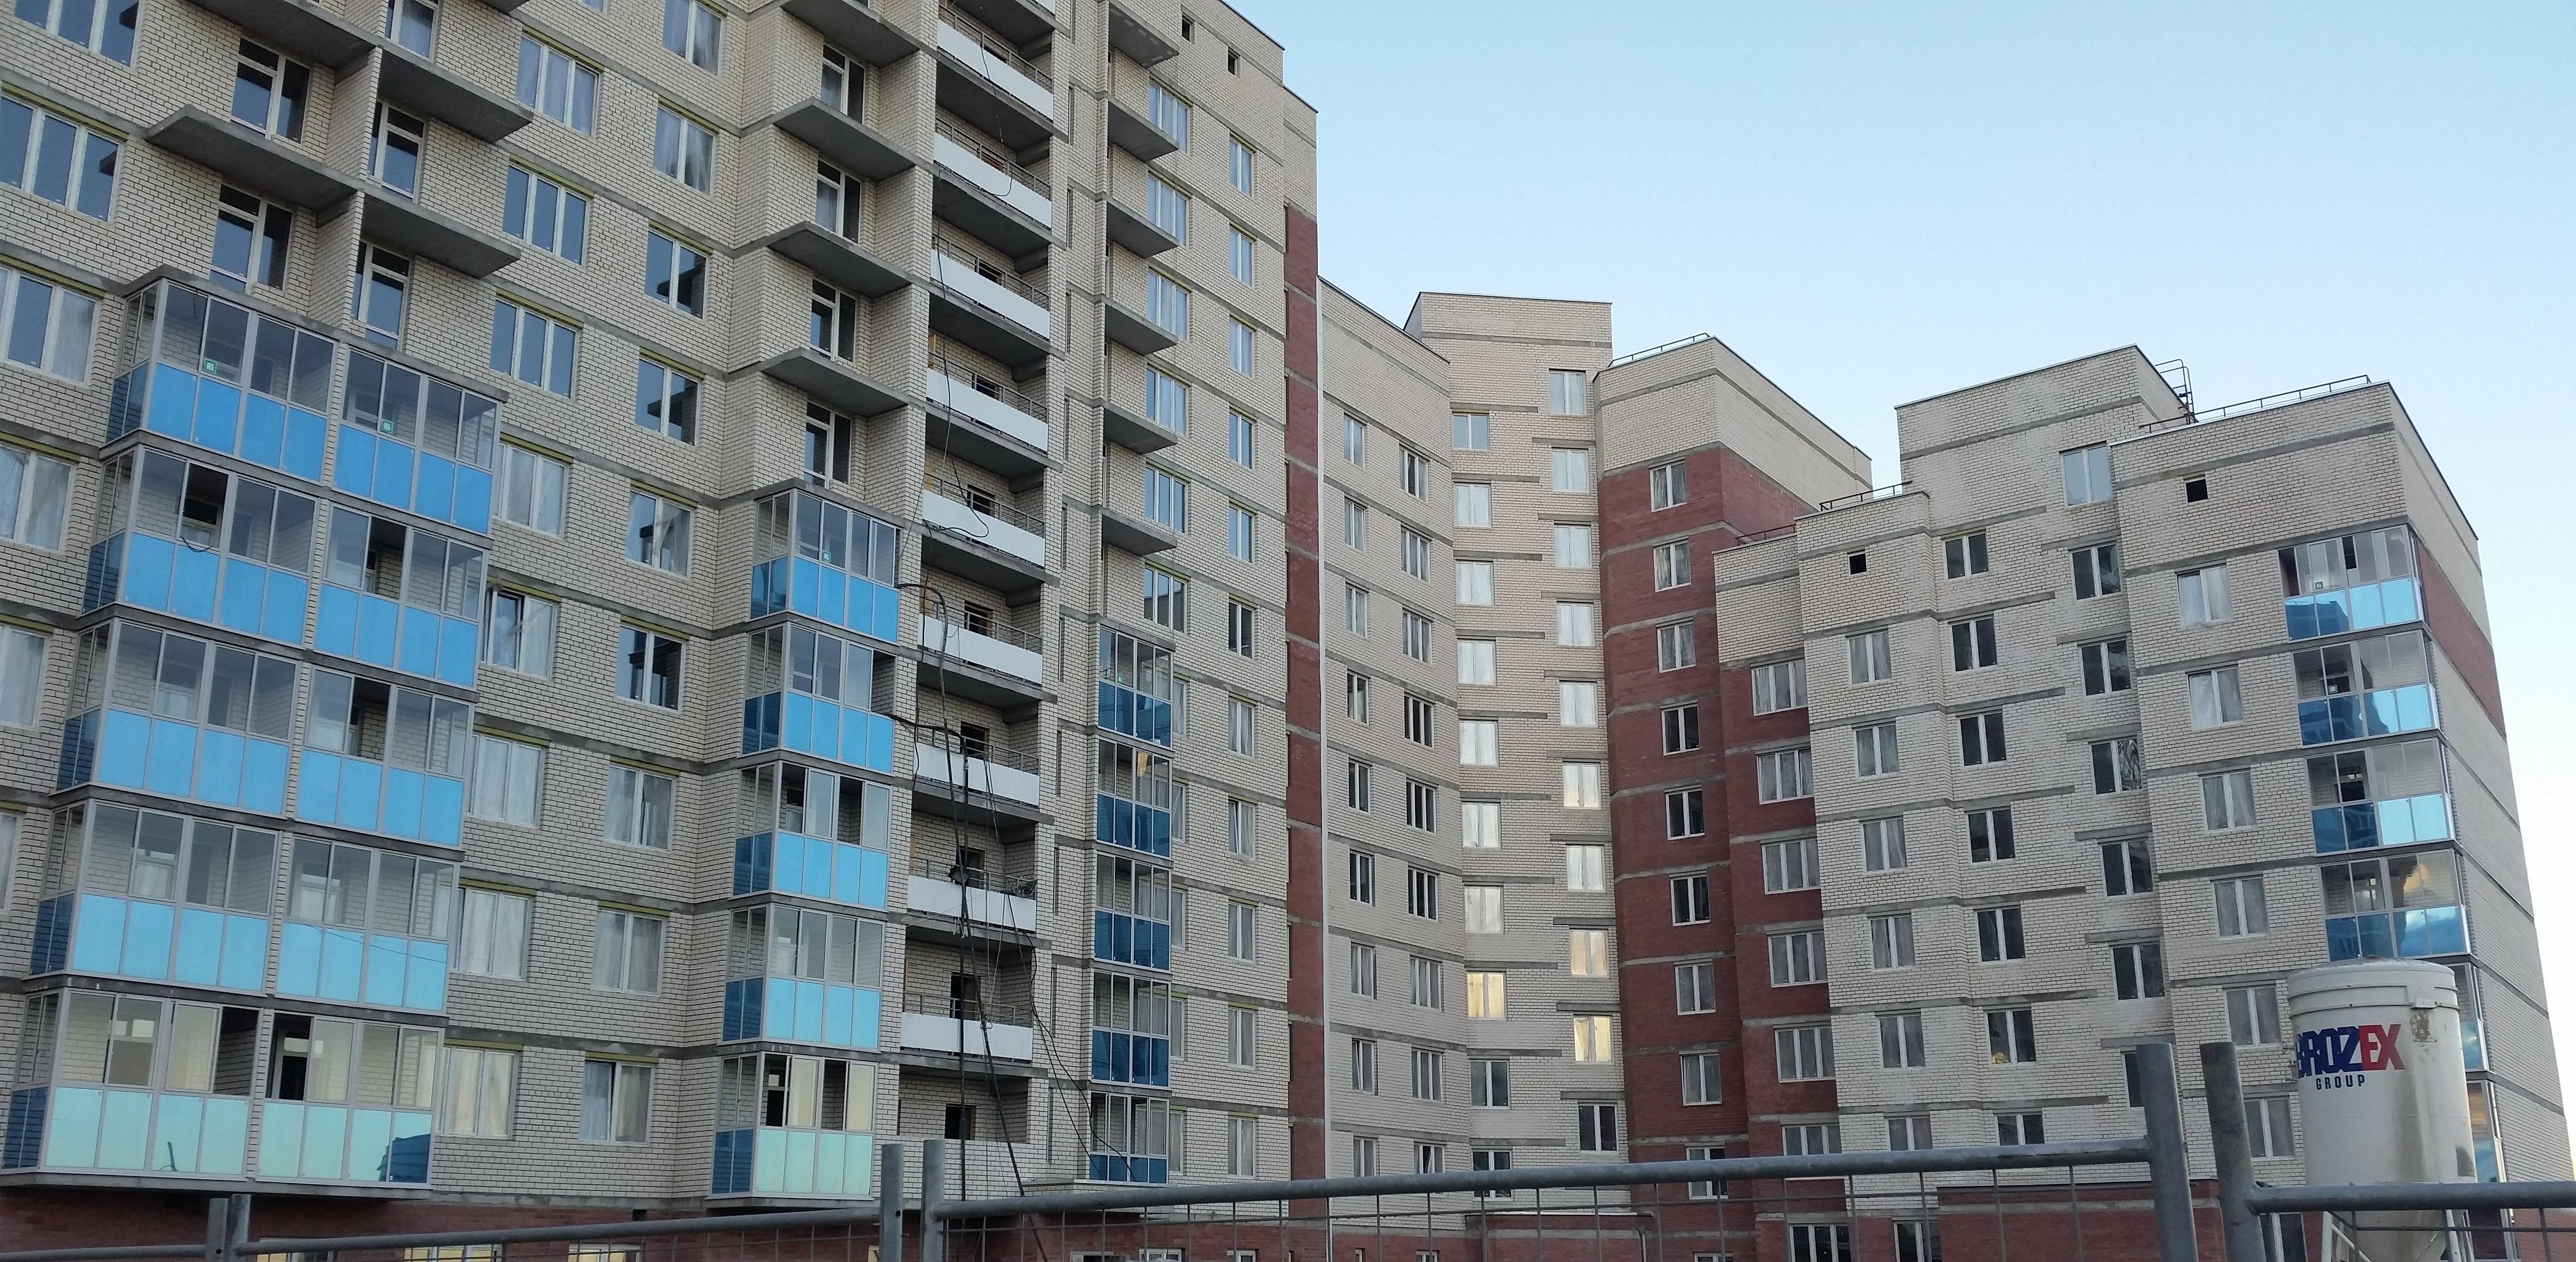 Суд вернул обманутым дольщикам Екатеринбурга надежду получить свои квартиры